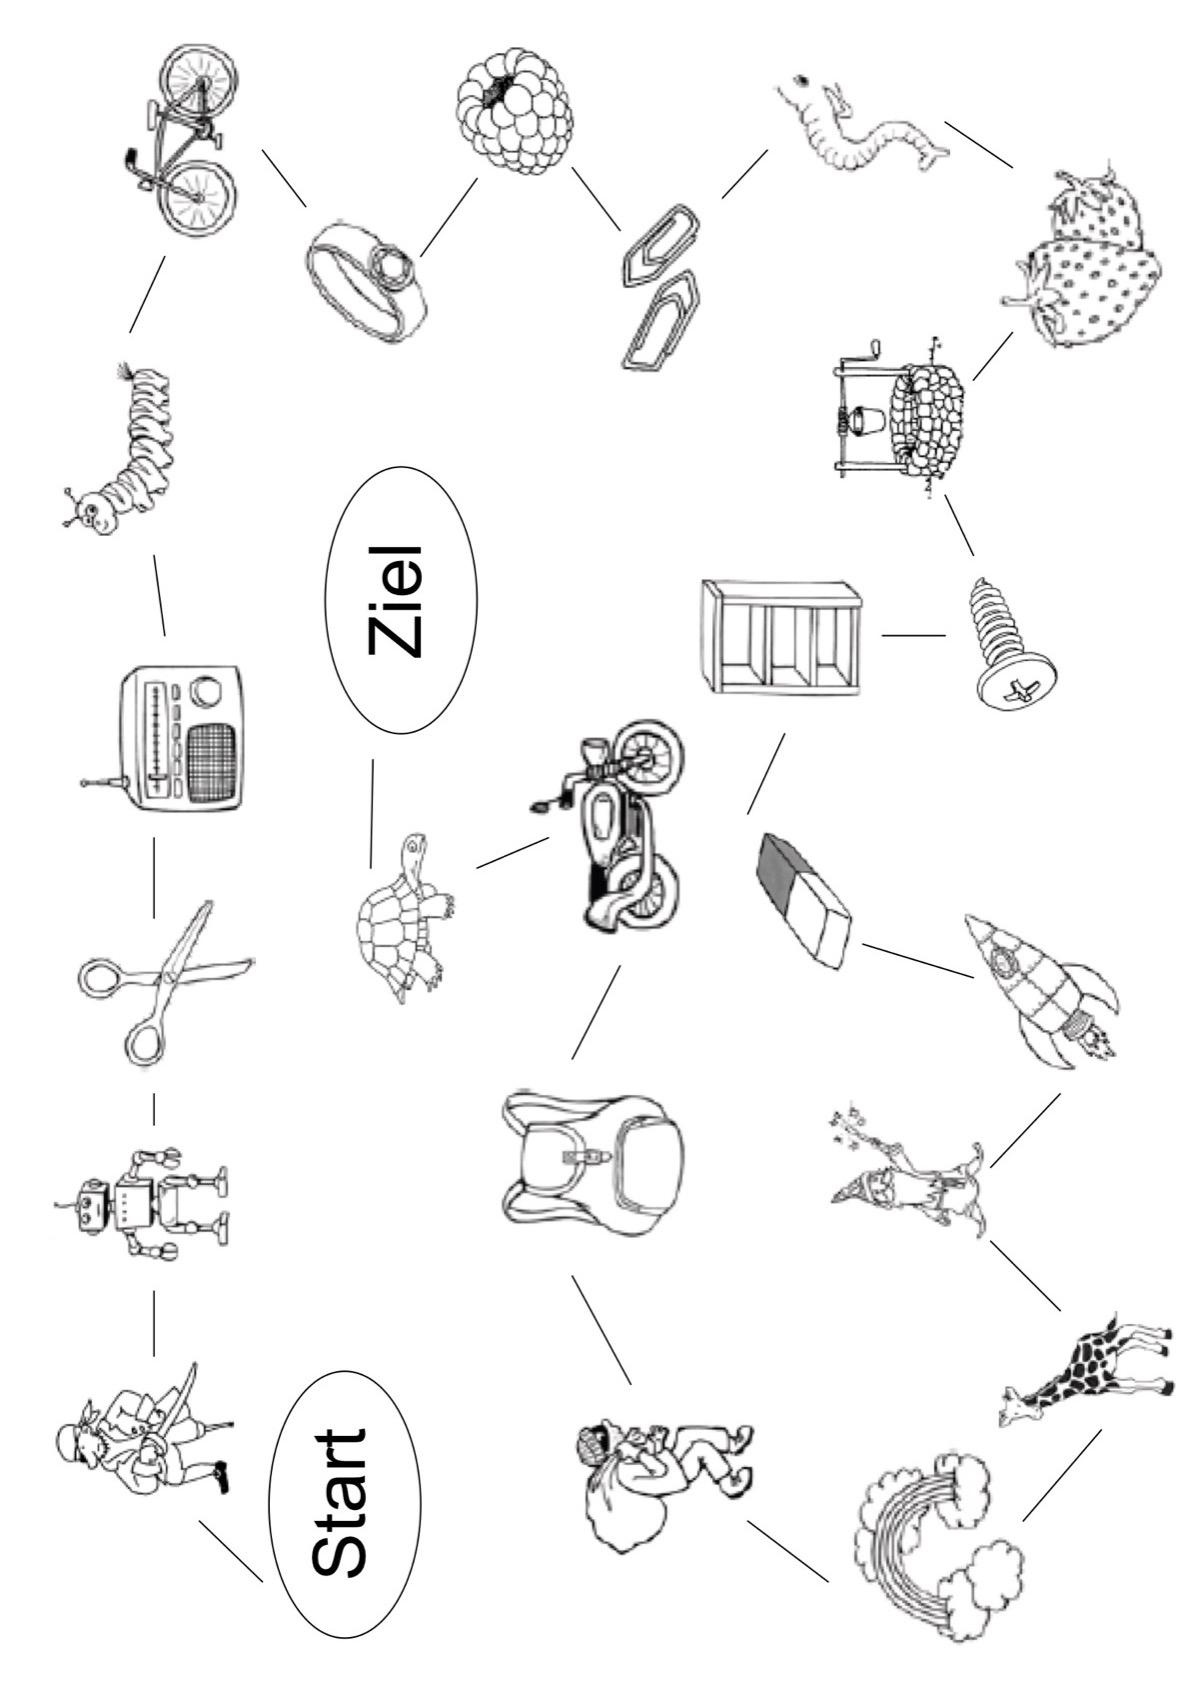 Sammlungen mit Bildkarten [r] in An- und In-Laut - Dyslalie - madoo.net